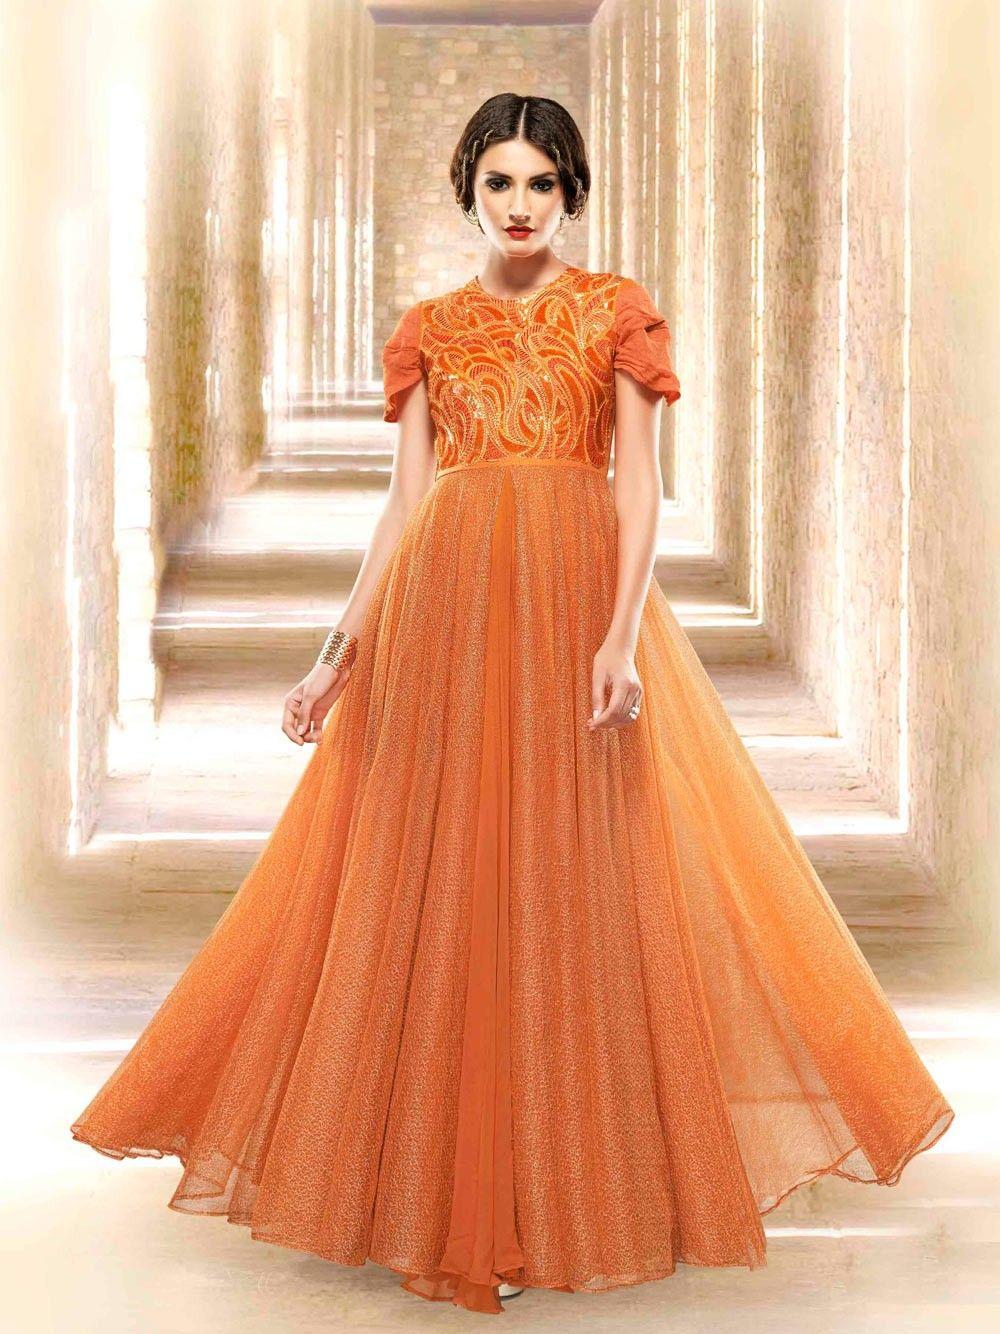 Orange Full Length Dresses